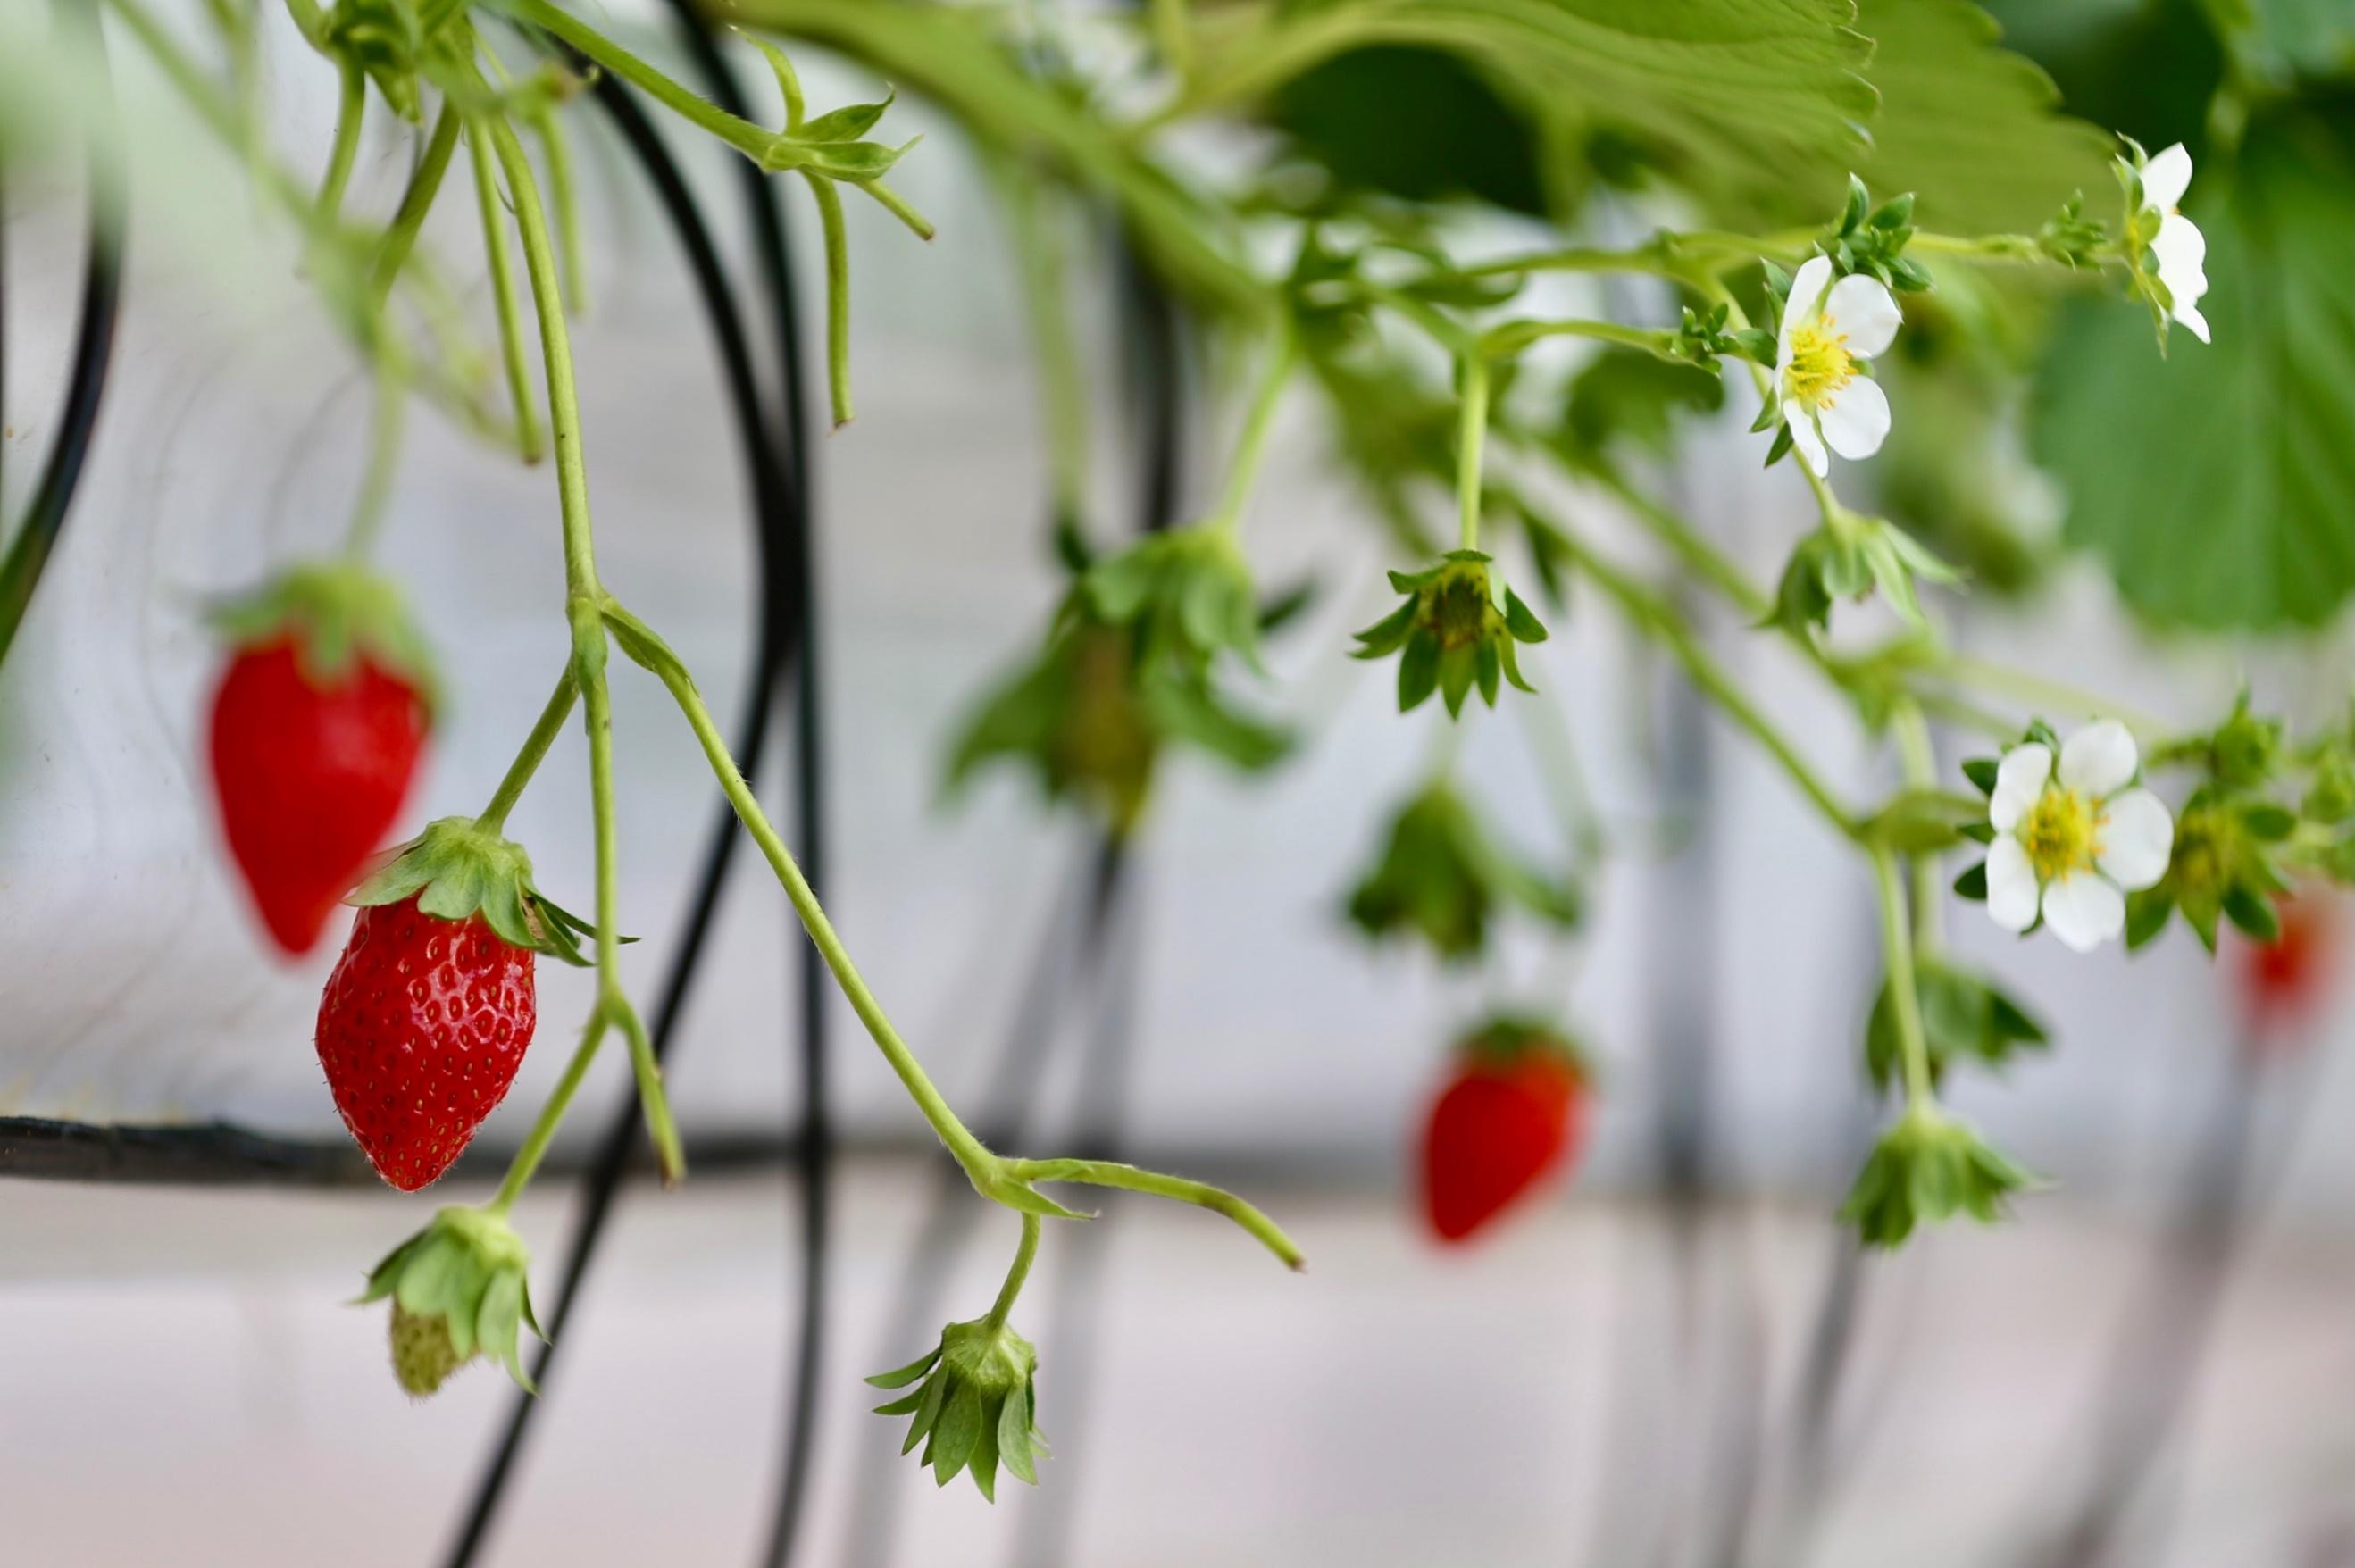 首届草莓AI种植比赛人工智能队领先顶尖农人队